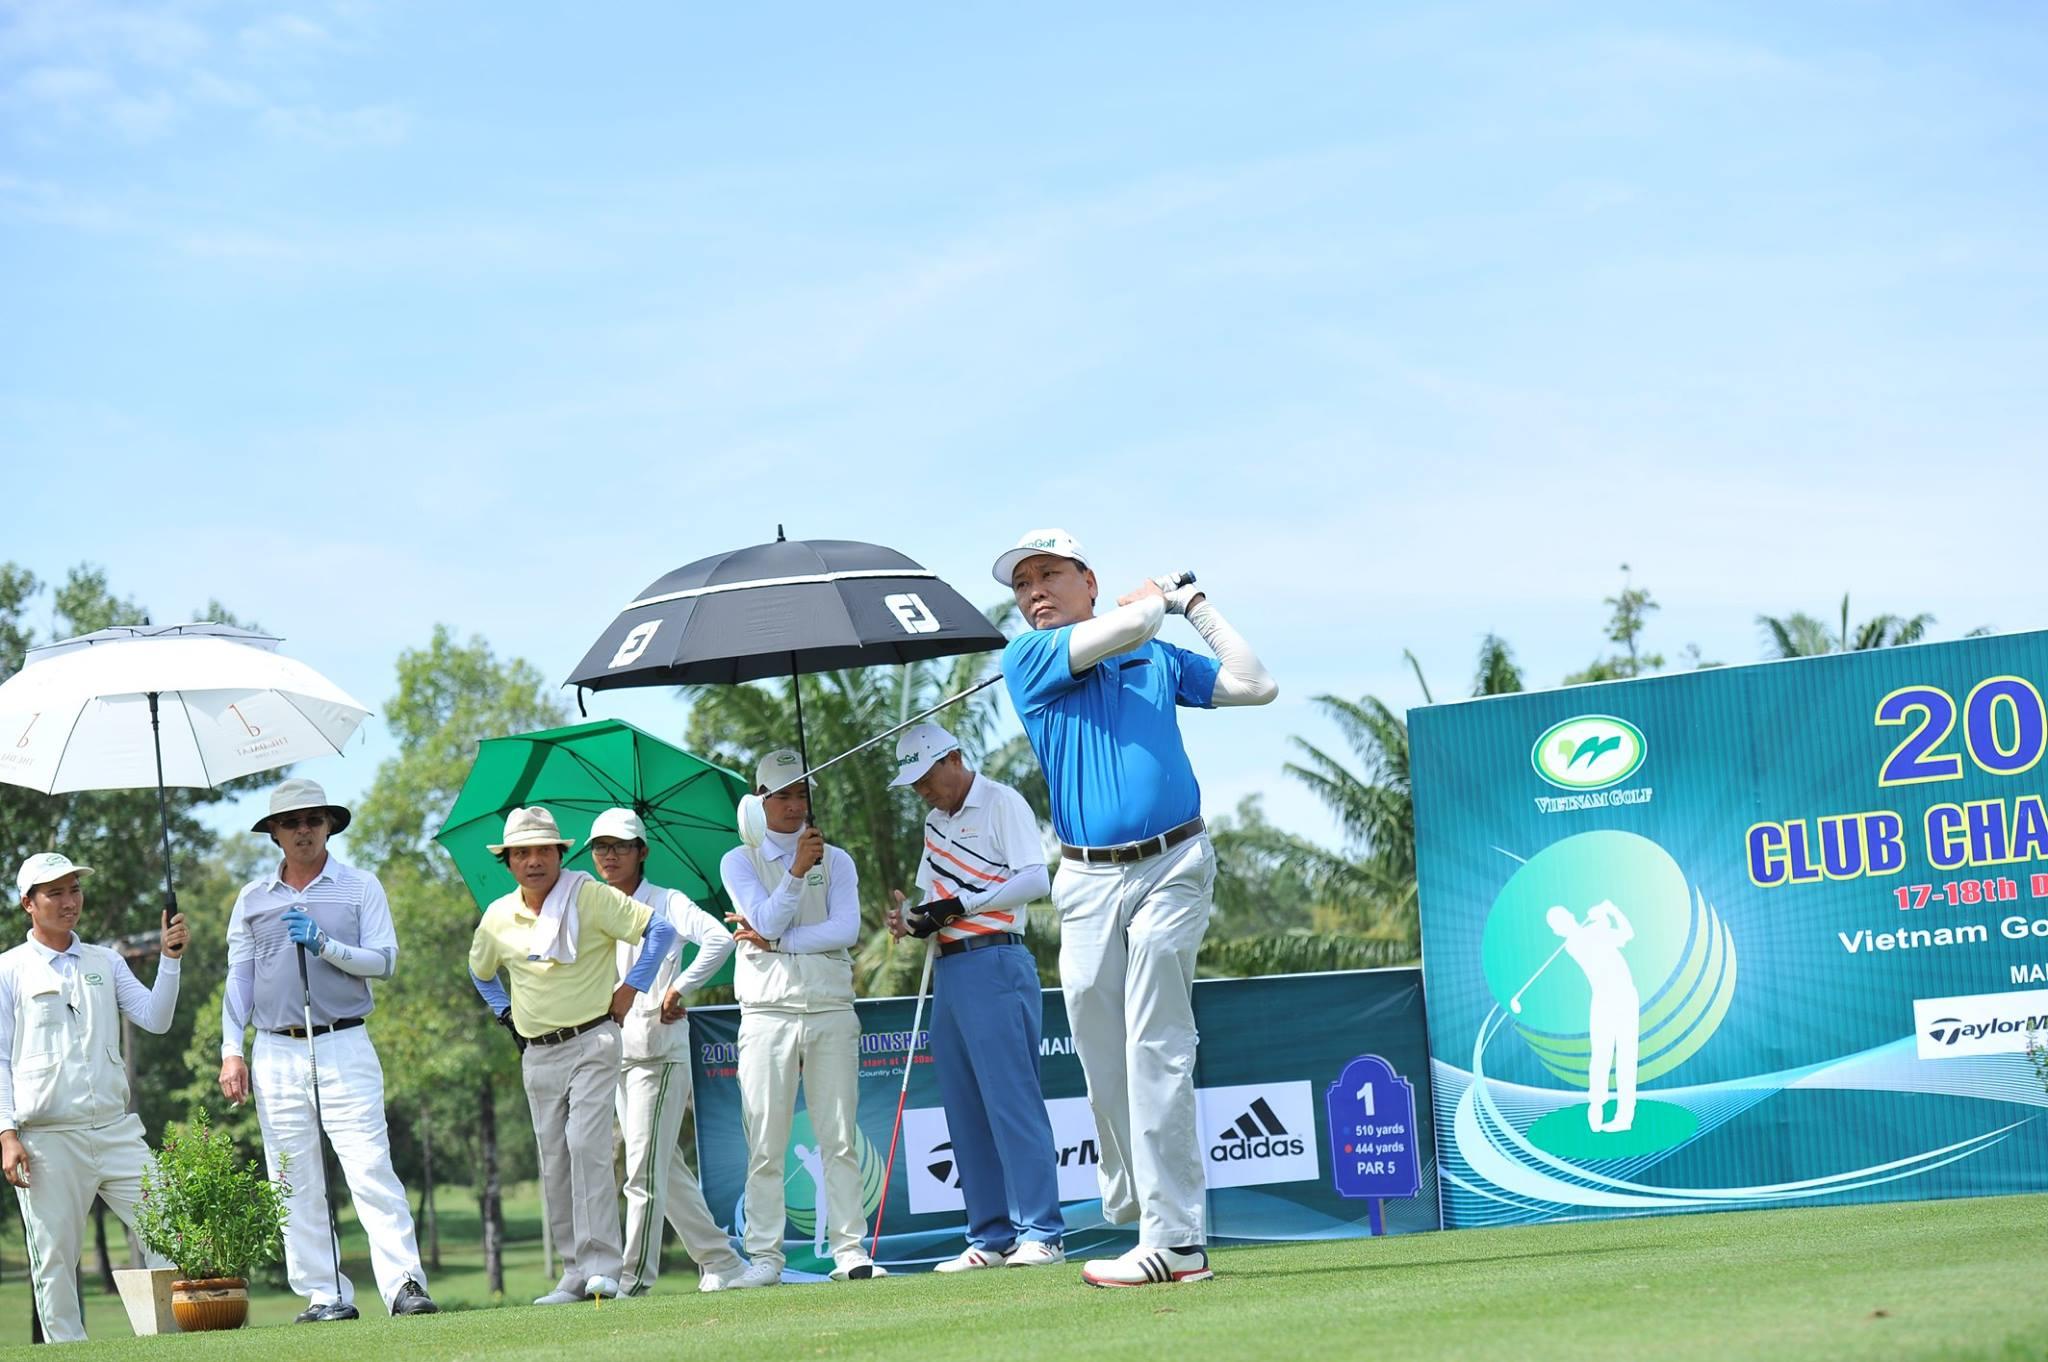 Sân golf đem đến nhiều thử thách cho người chơi. Hình: Sưu tầm